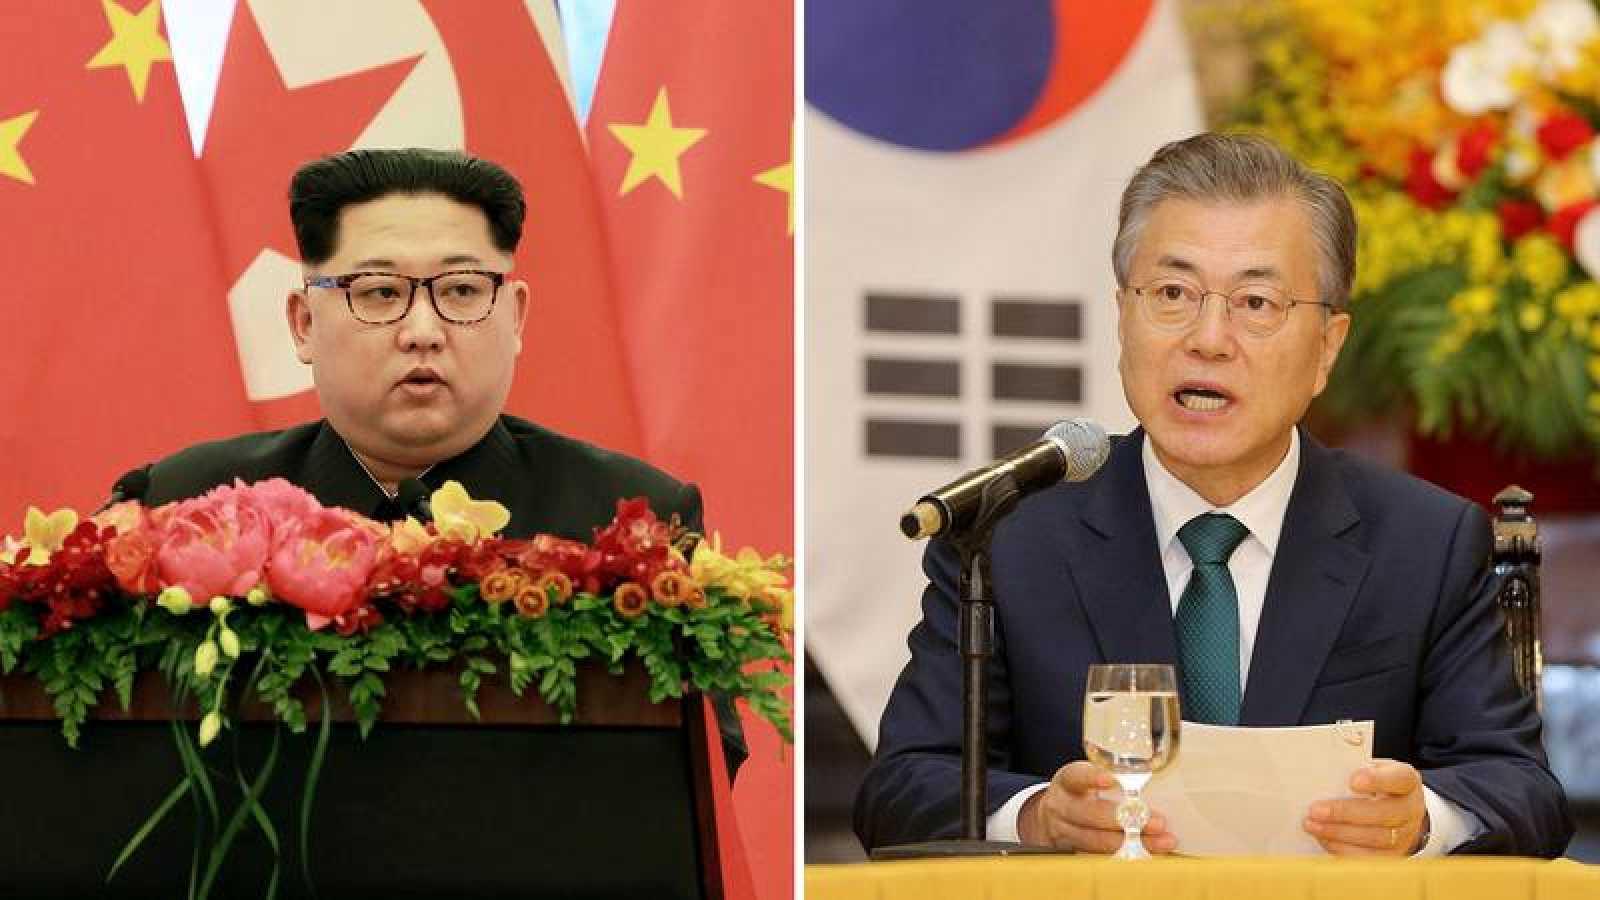 El líder norcoreano, Kim Jong-un, y el presidente surcoreano, Moon Jae-in